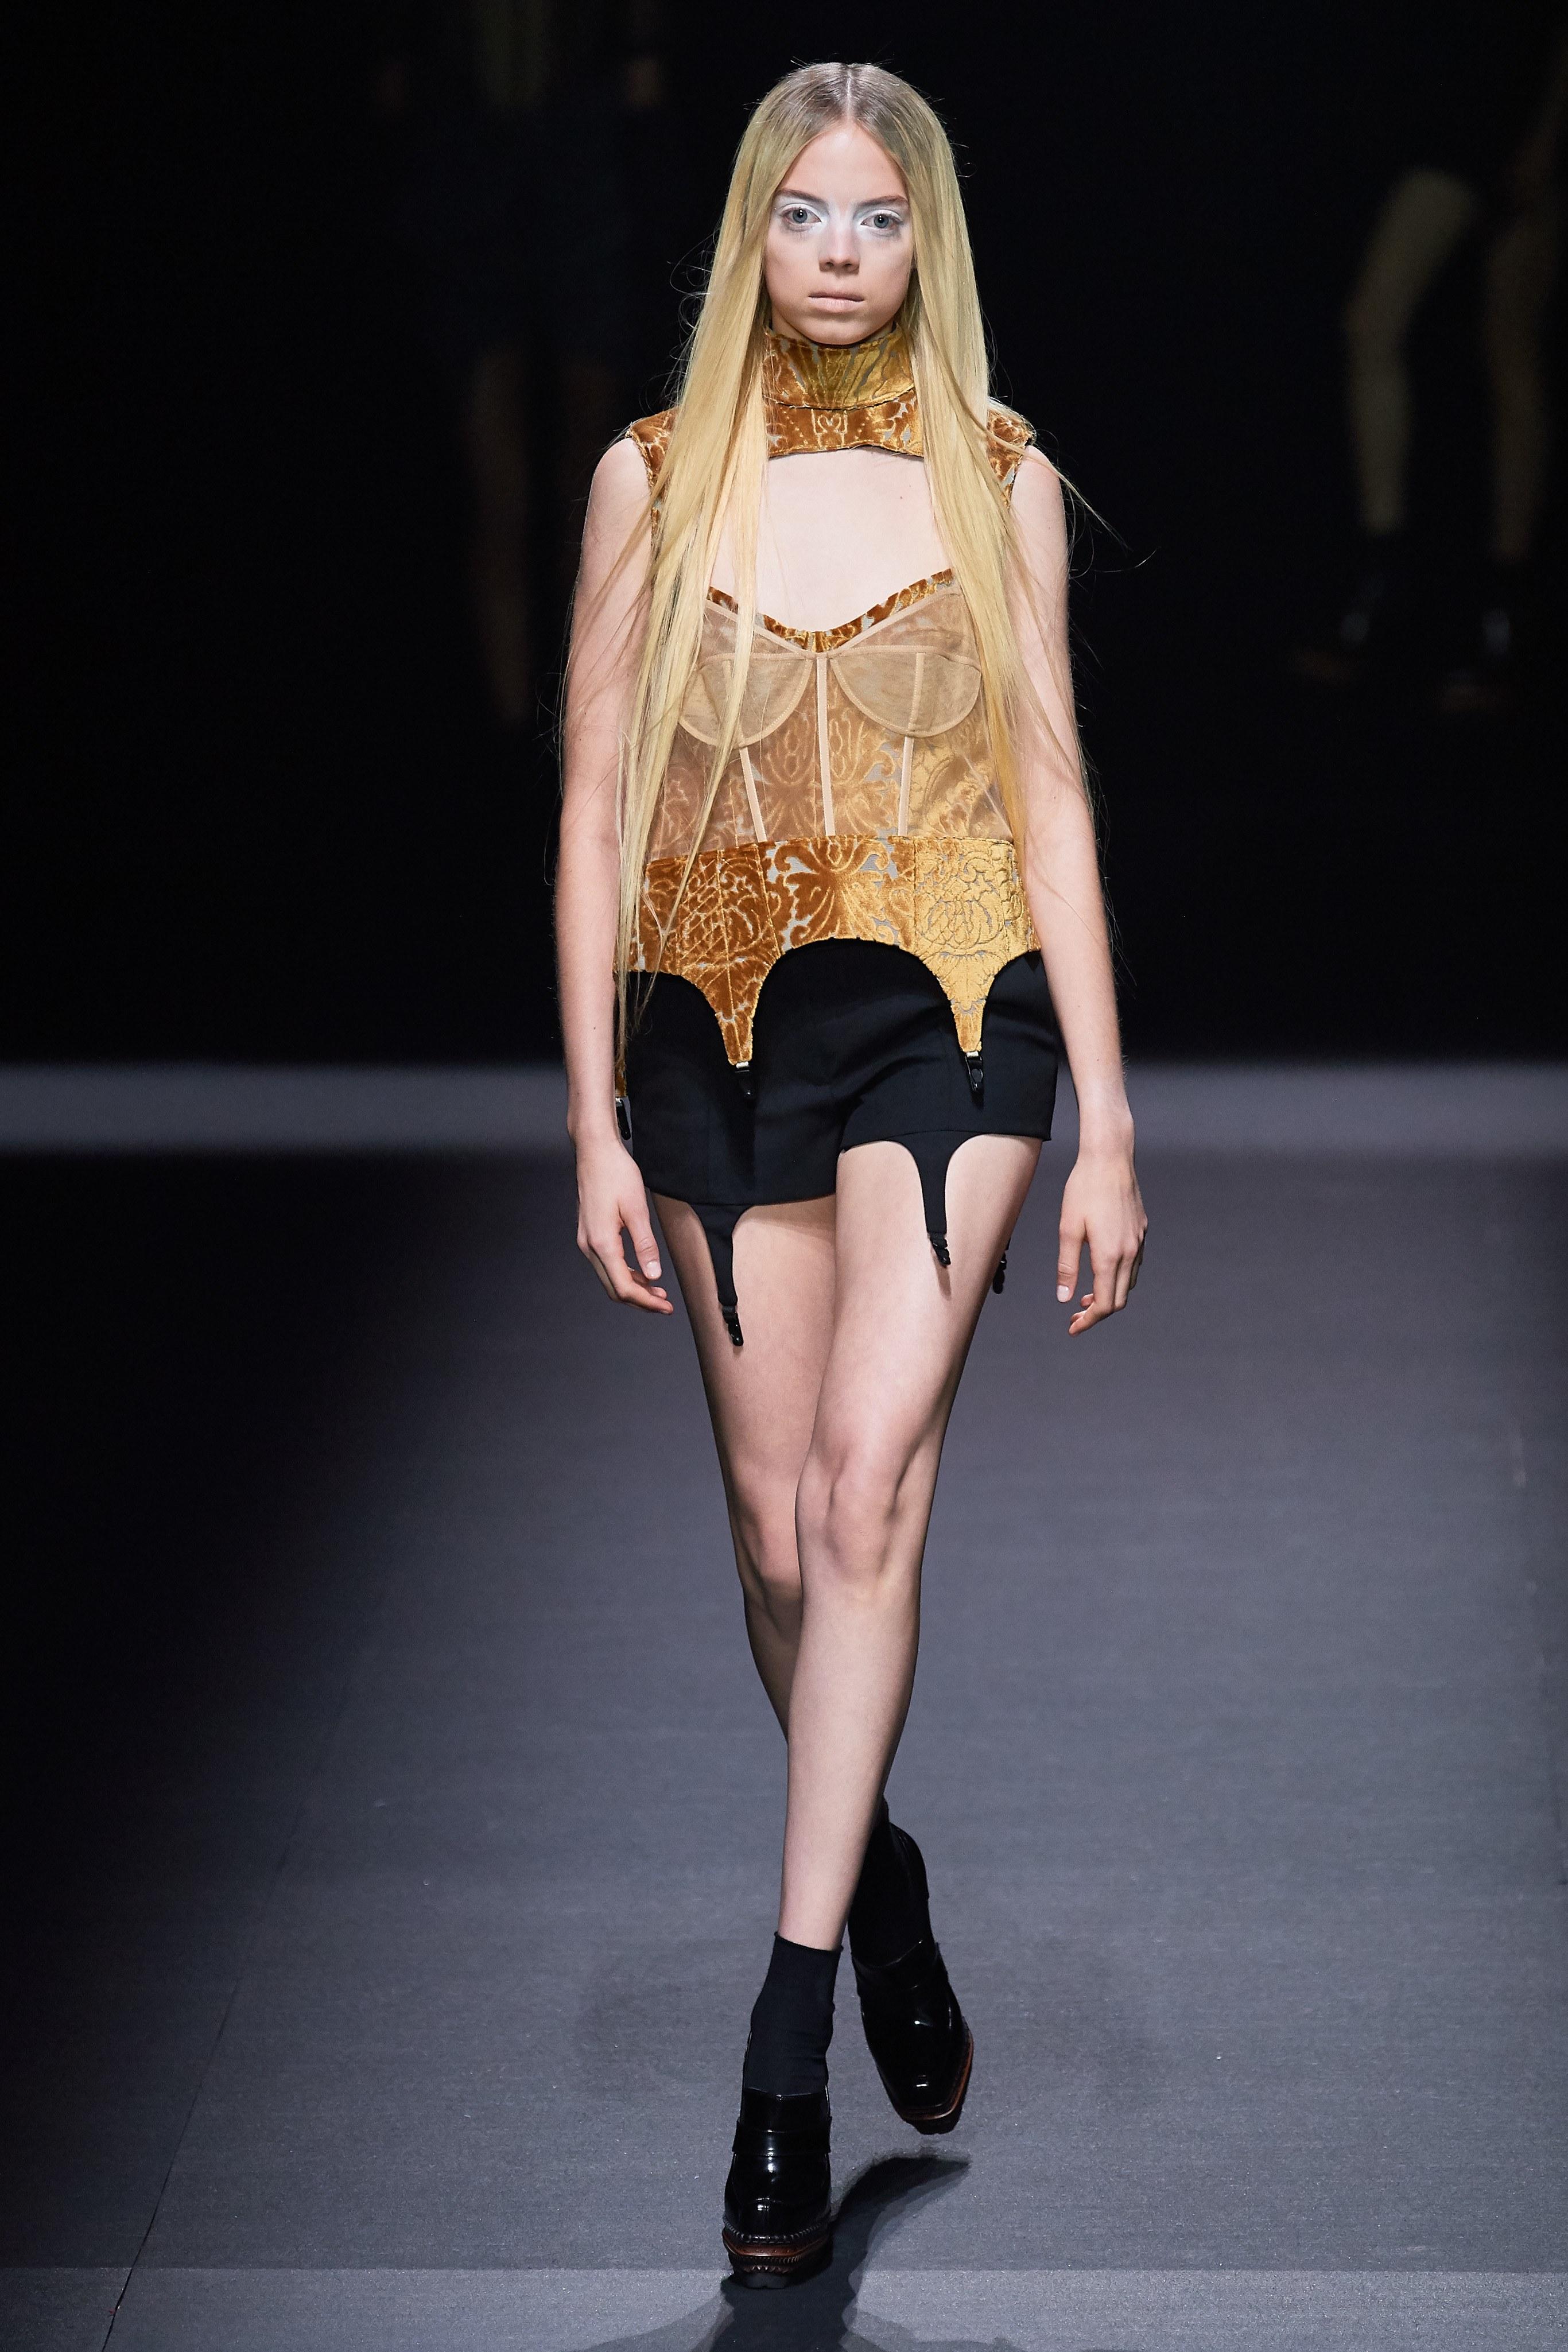 áo corset ánh vàng và quần shorts vera wang 2020